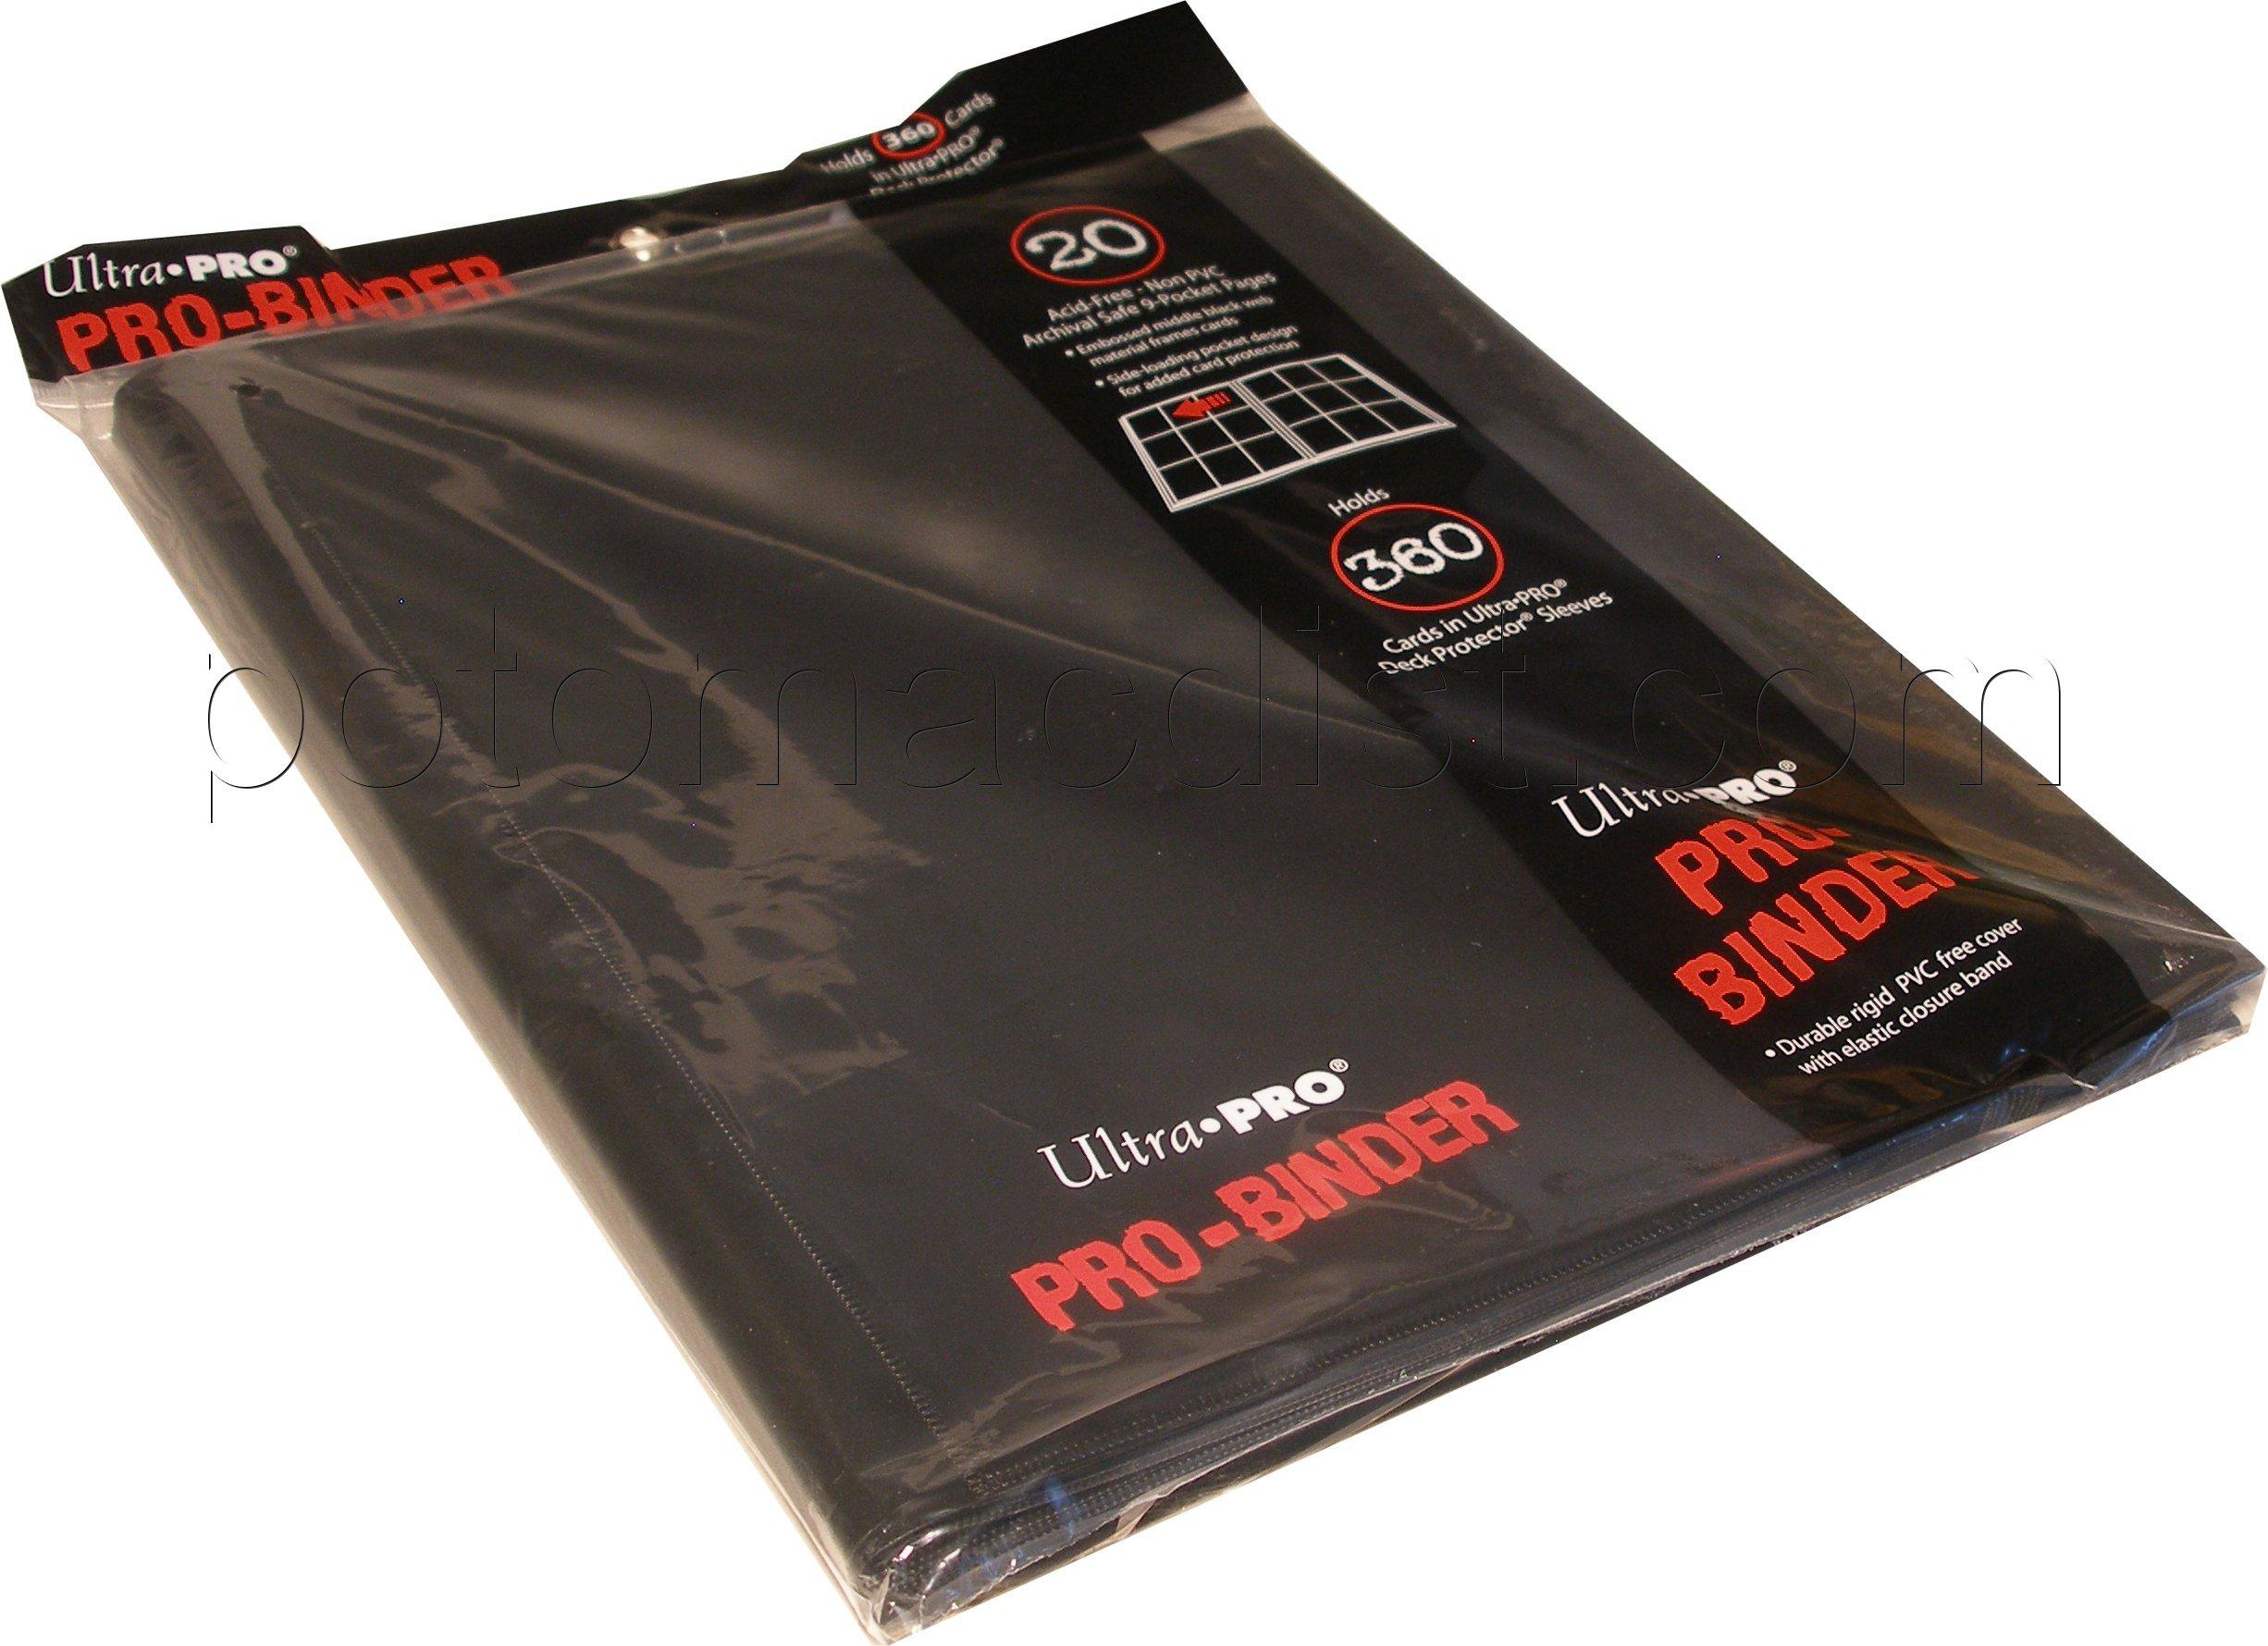 Ultra Pro 9 Pocket Pro Binder Black Case 6 Potomac